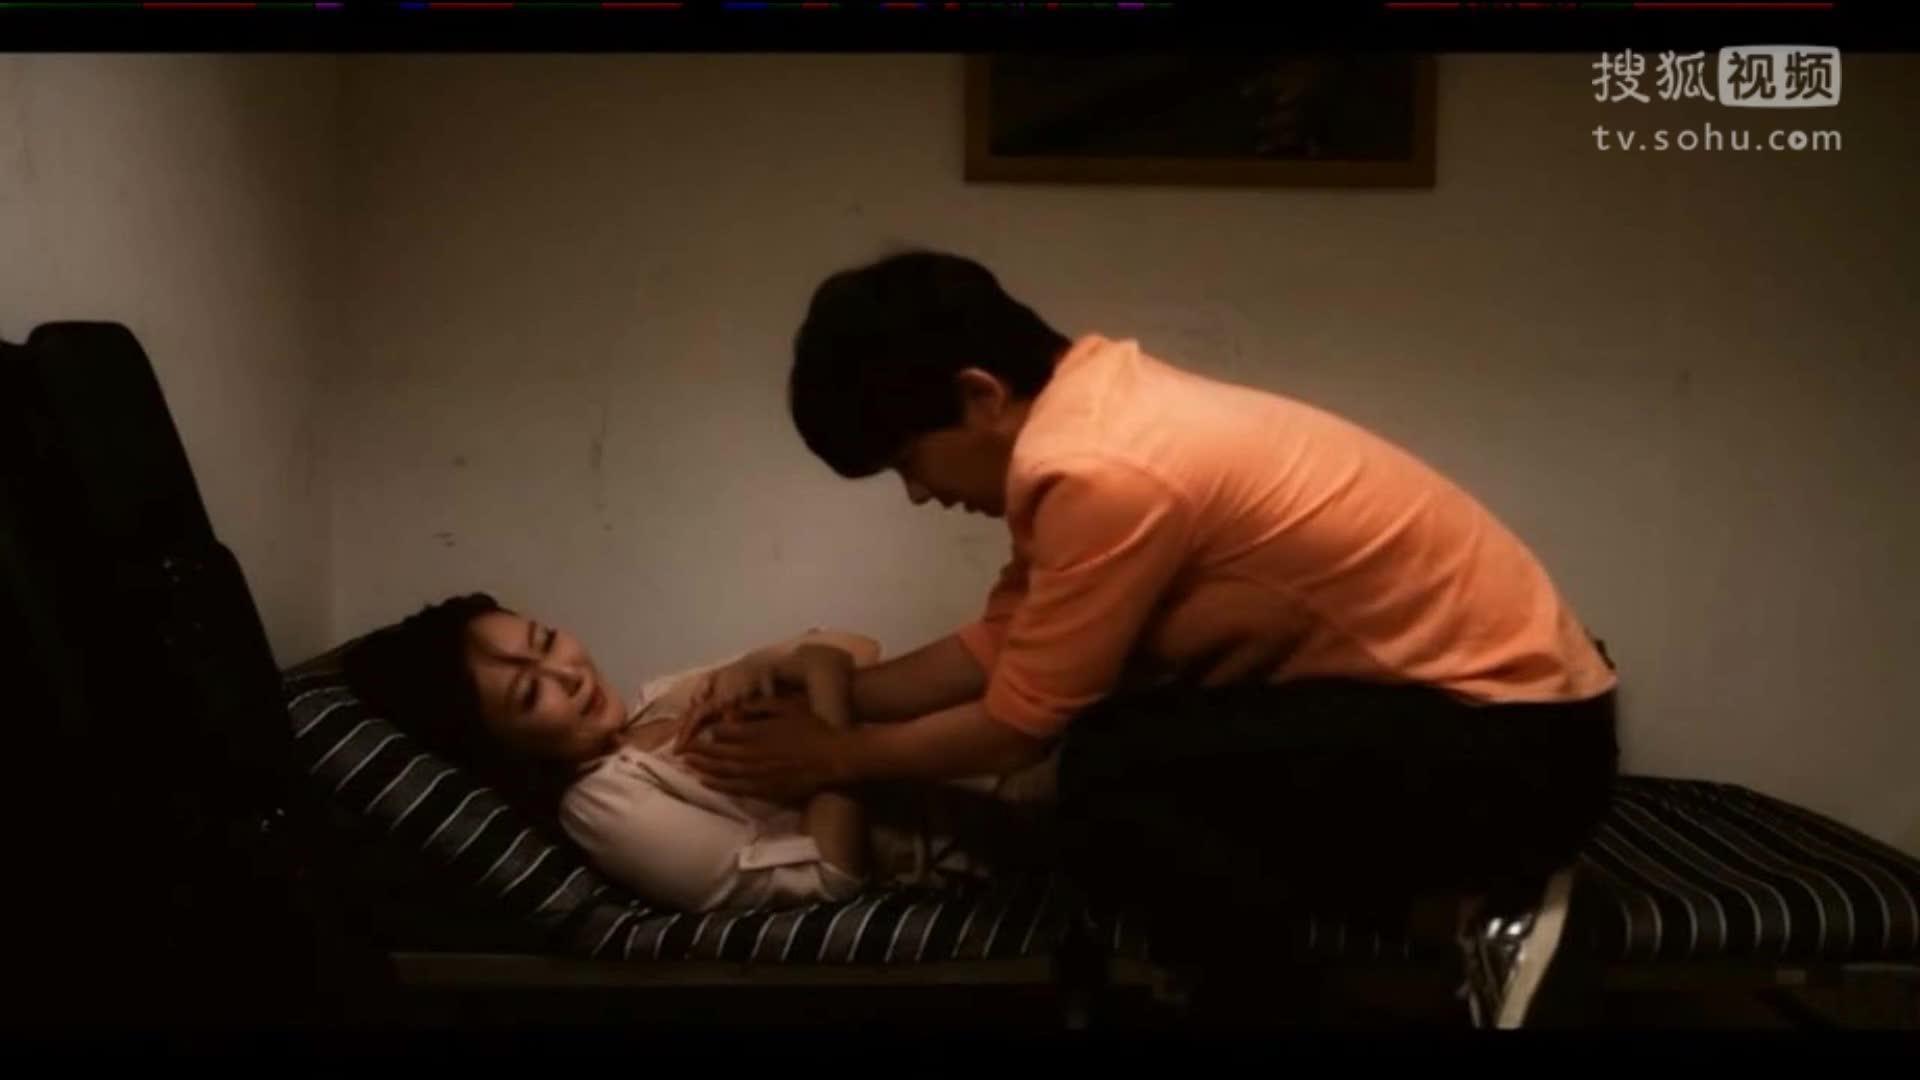 十分钟看完韩国电影《寄宿公寓2》完整无删减剧情